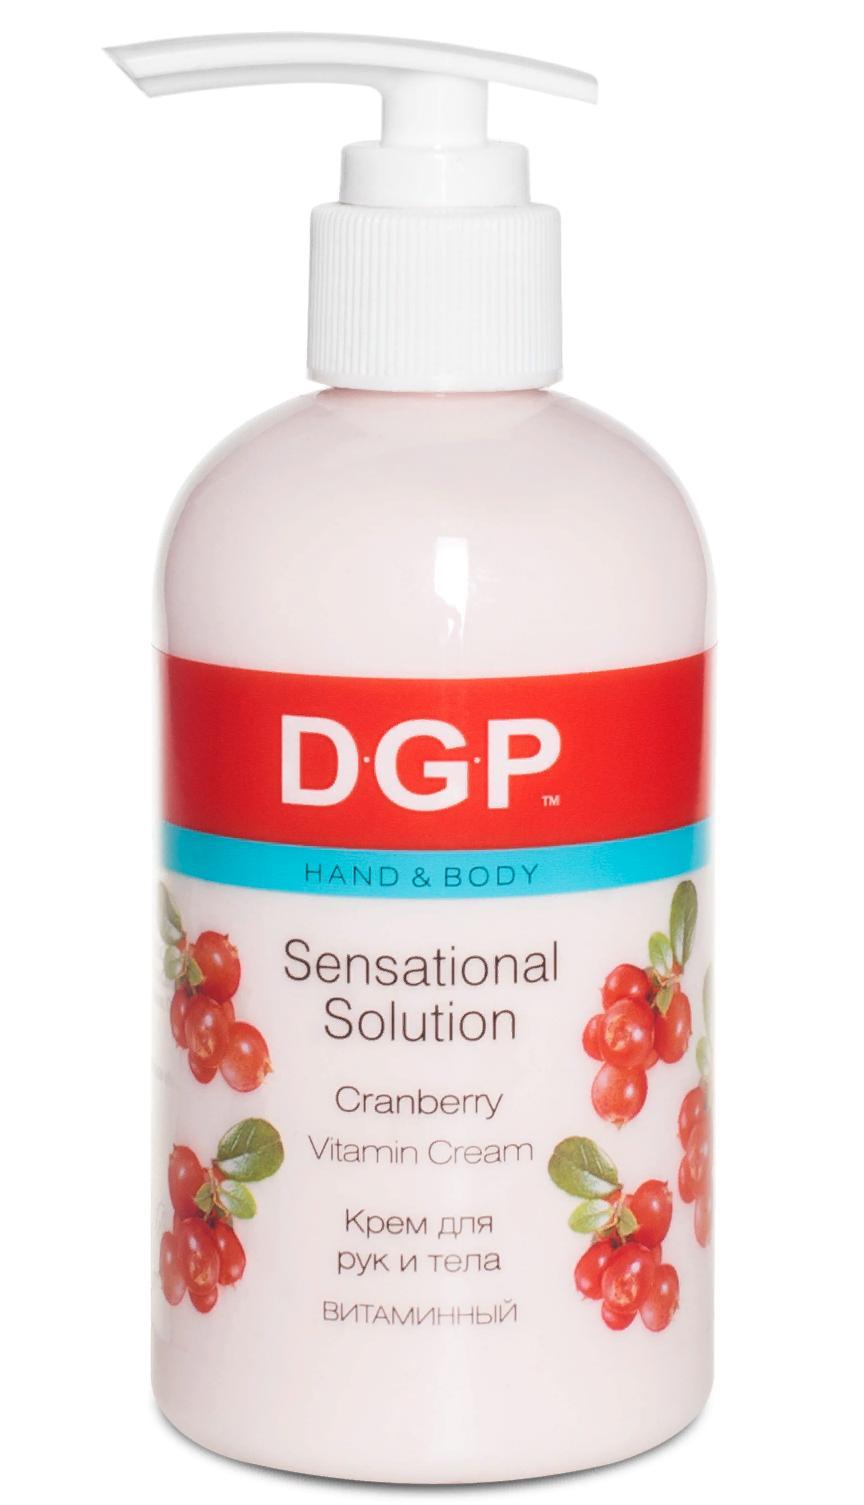 """DOMIX Крем для рук и тела витаминный """"Sensational Solution""""/ DGP 260мл"""